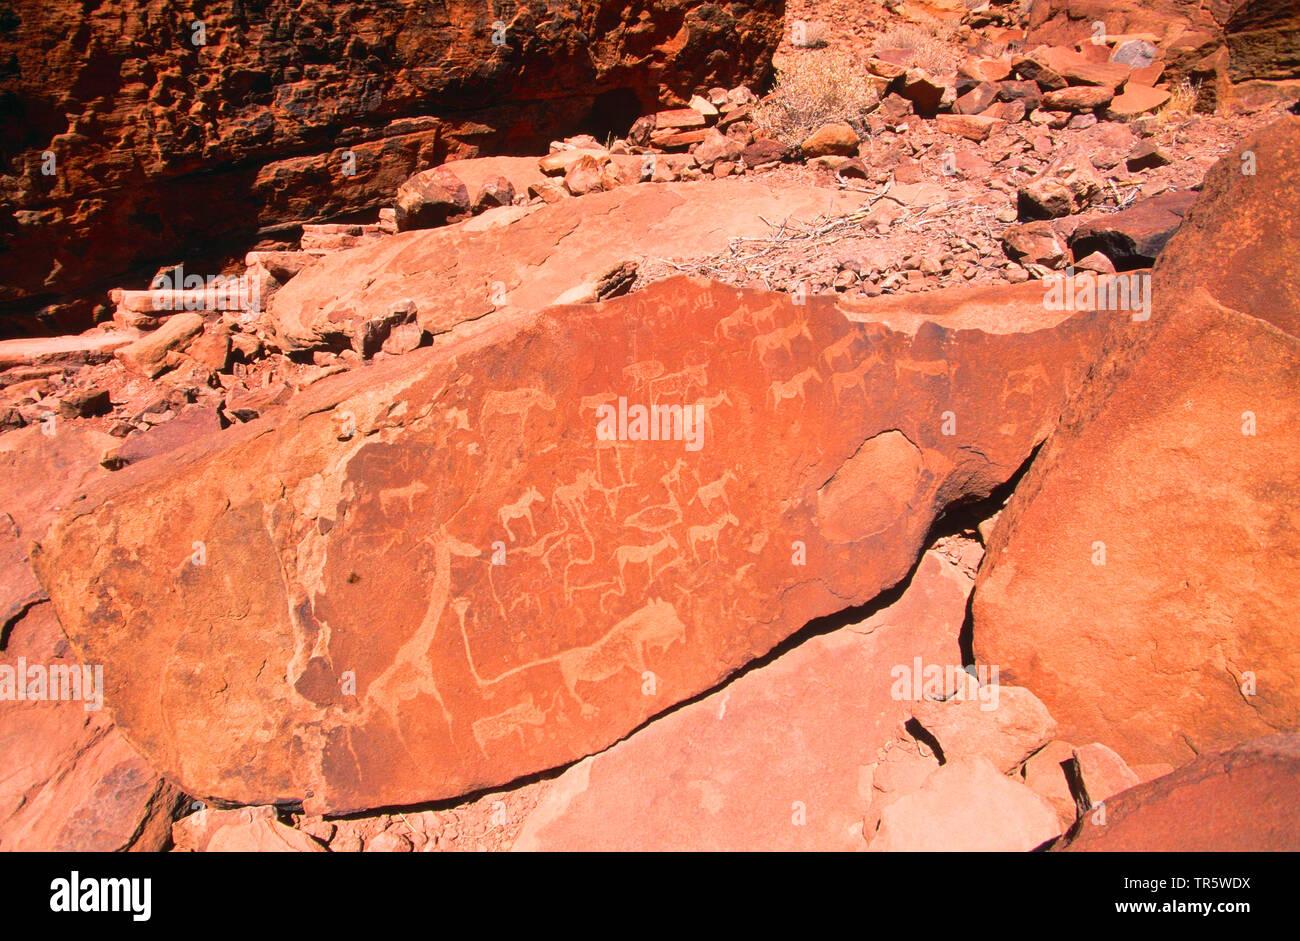 Felsbilder von Twyfelfontein, Namibia, Damaraland, Twyfelfontein | ancient rock engravings of Twyfelfontein, Namibia, Damaraland, Twyfelfontein | BLWS - Stock Image